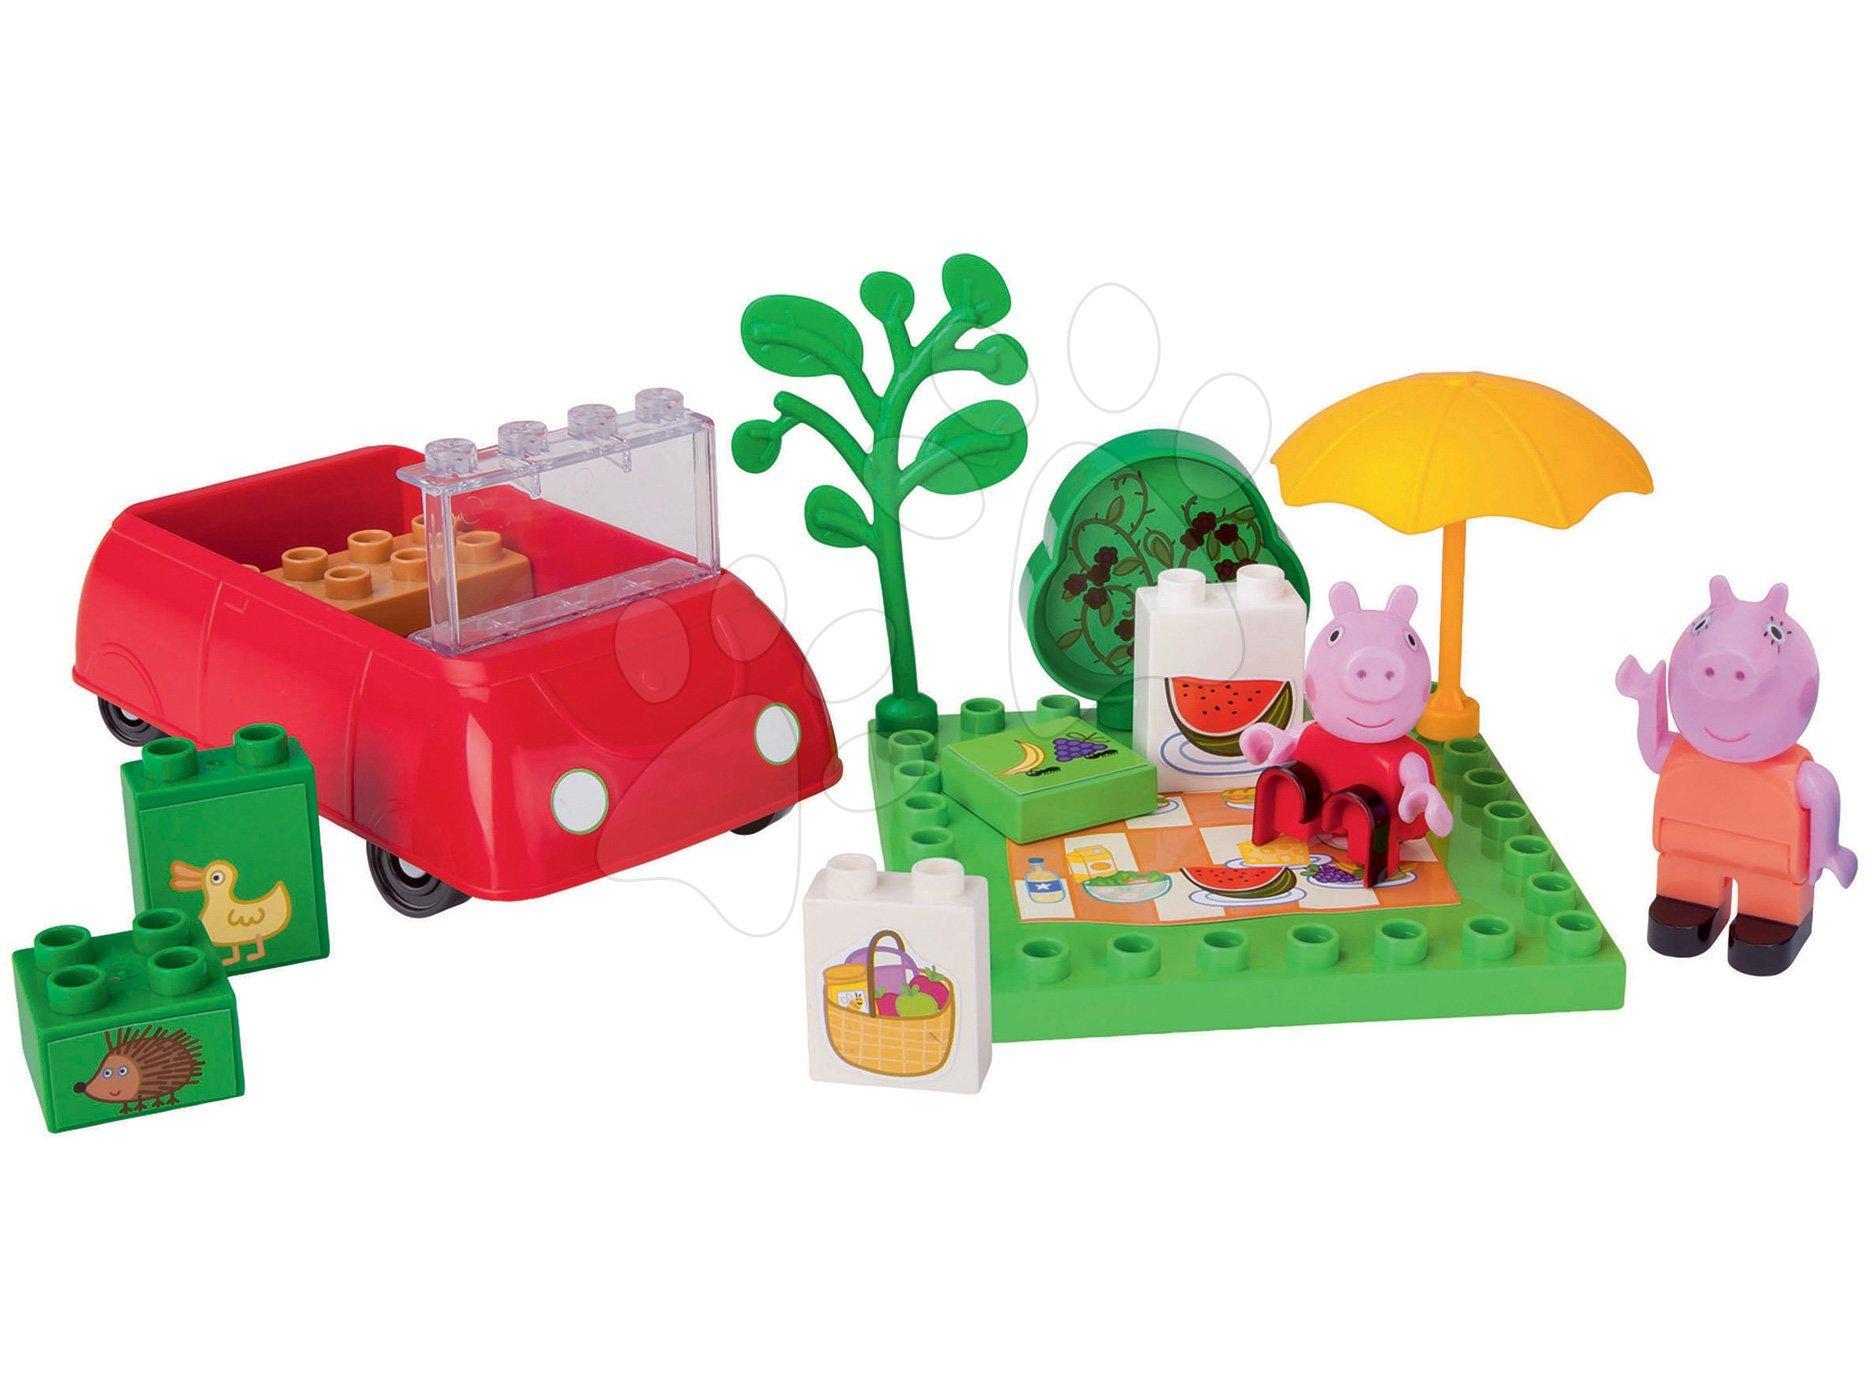 Stavebnica Peppa Pig Piknik PlayBIG Bloxx BIG 18 dielov a 2 figúrky od 1,5-5 rokov